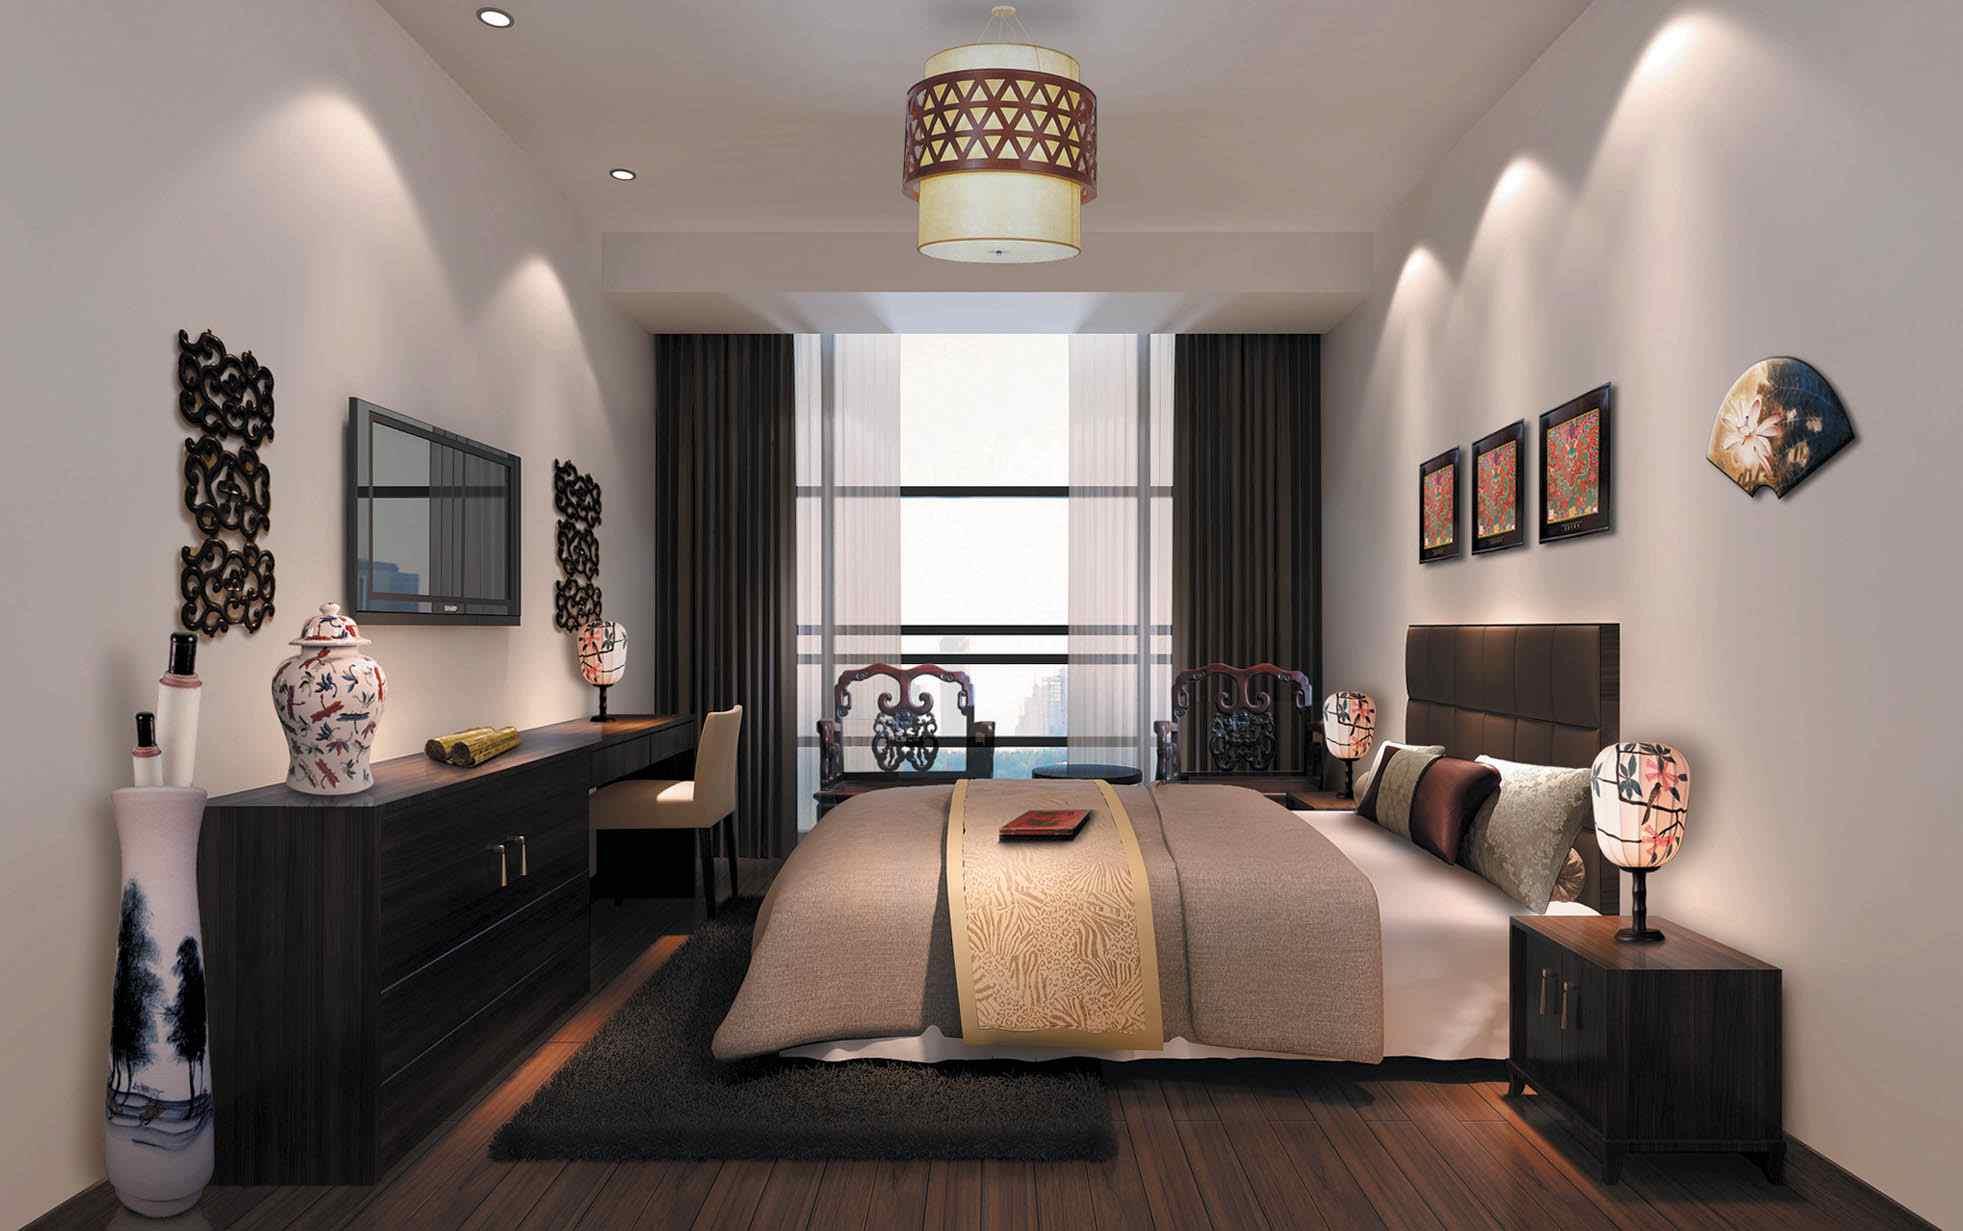 中式風格室內裝修強調中國傳統居室布置中重視的富貴、端